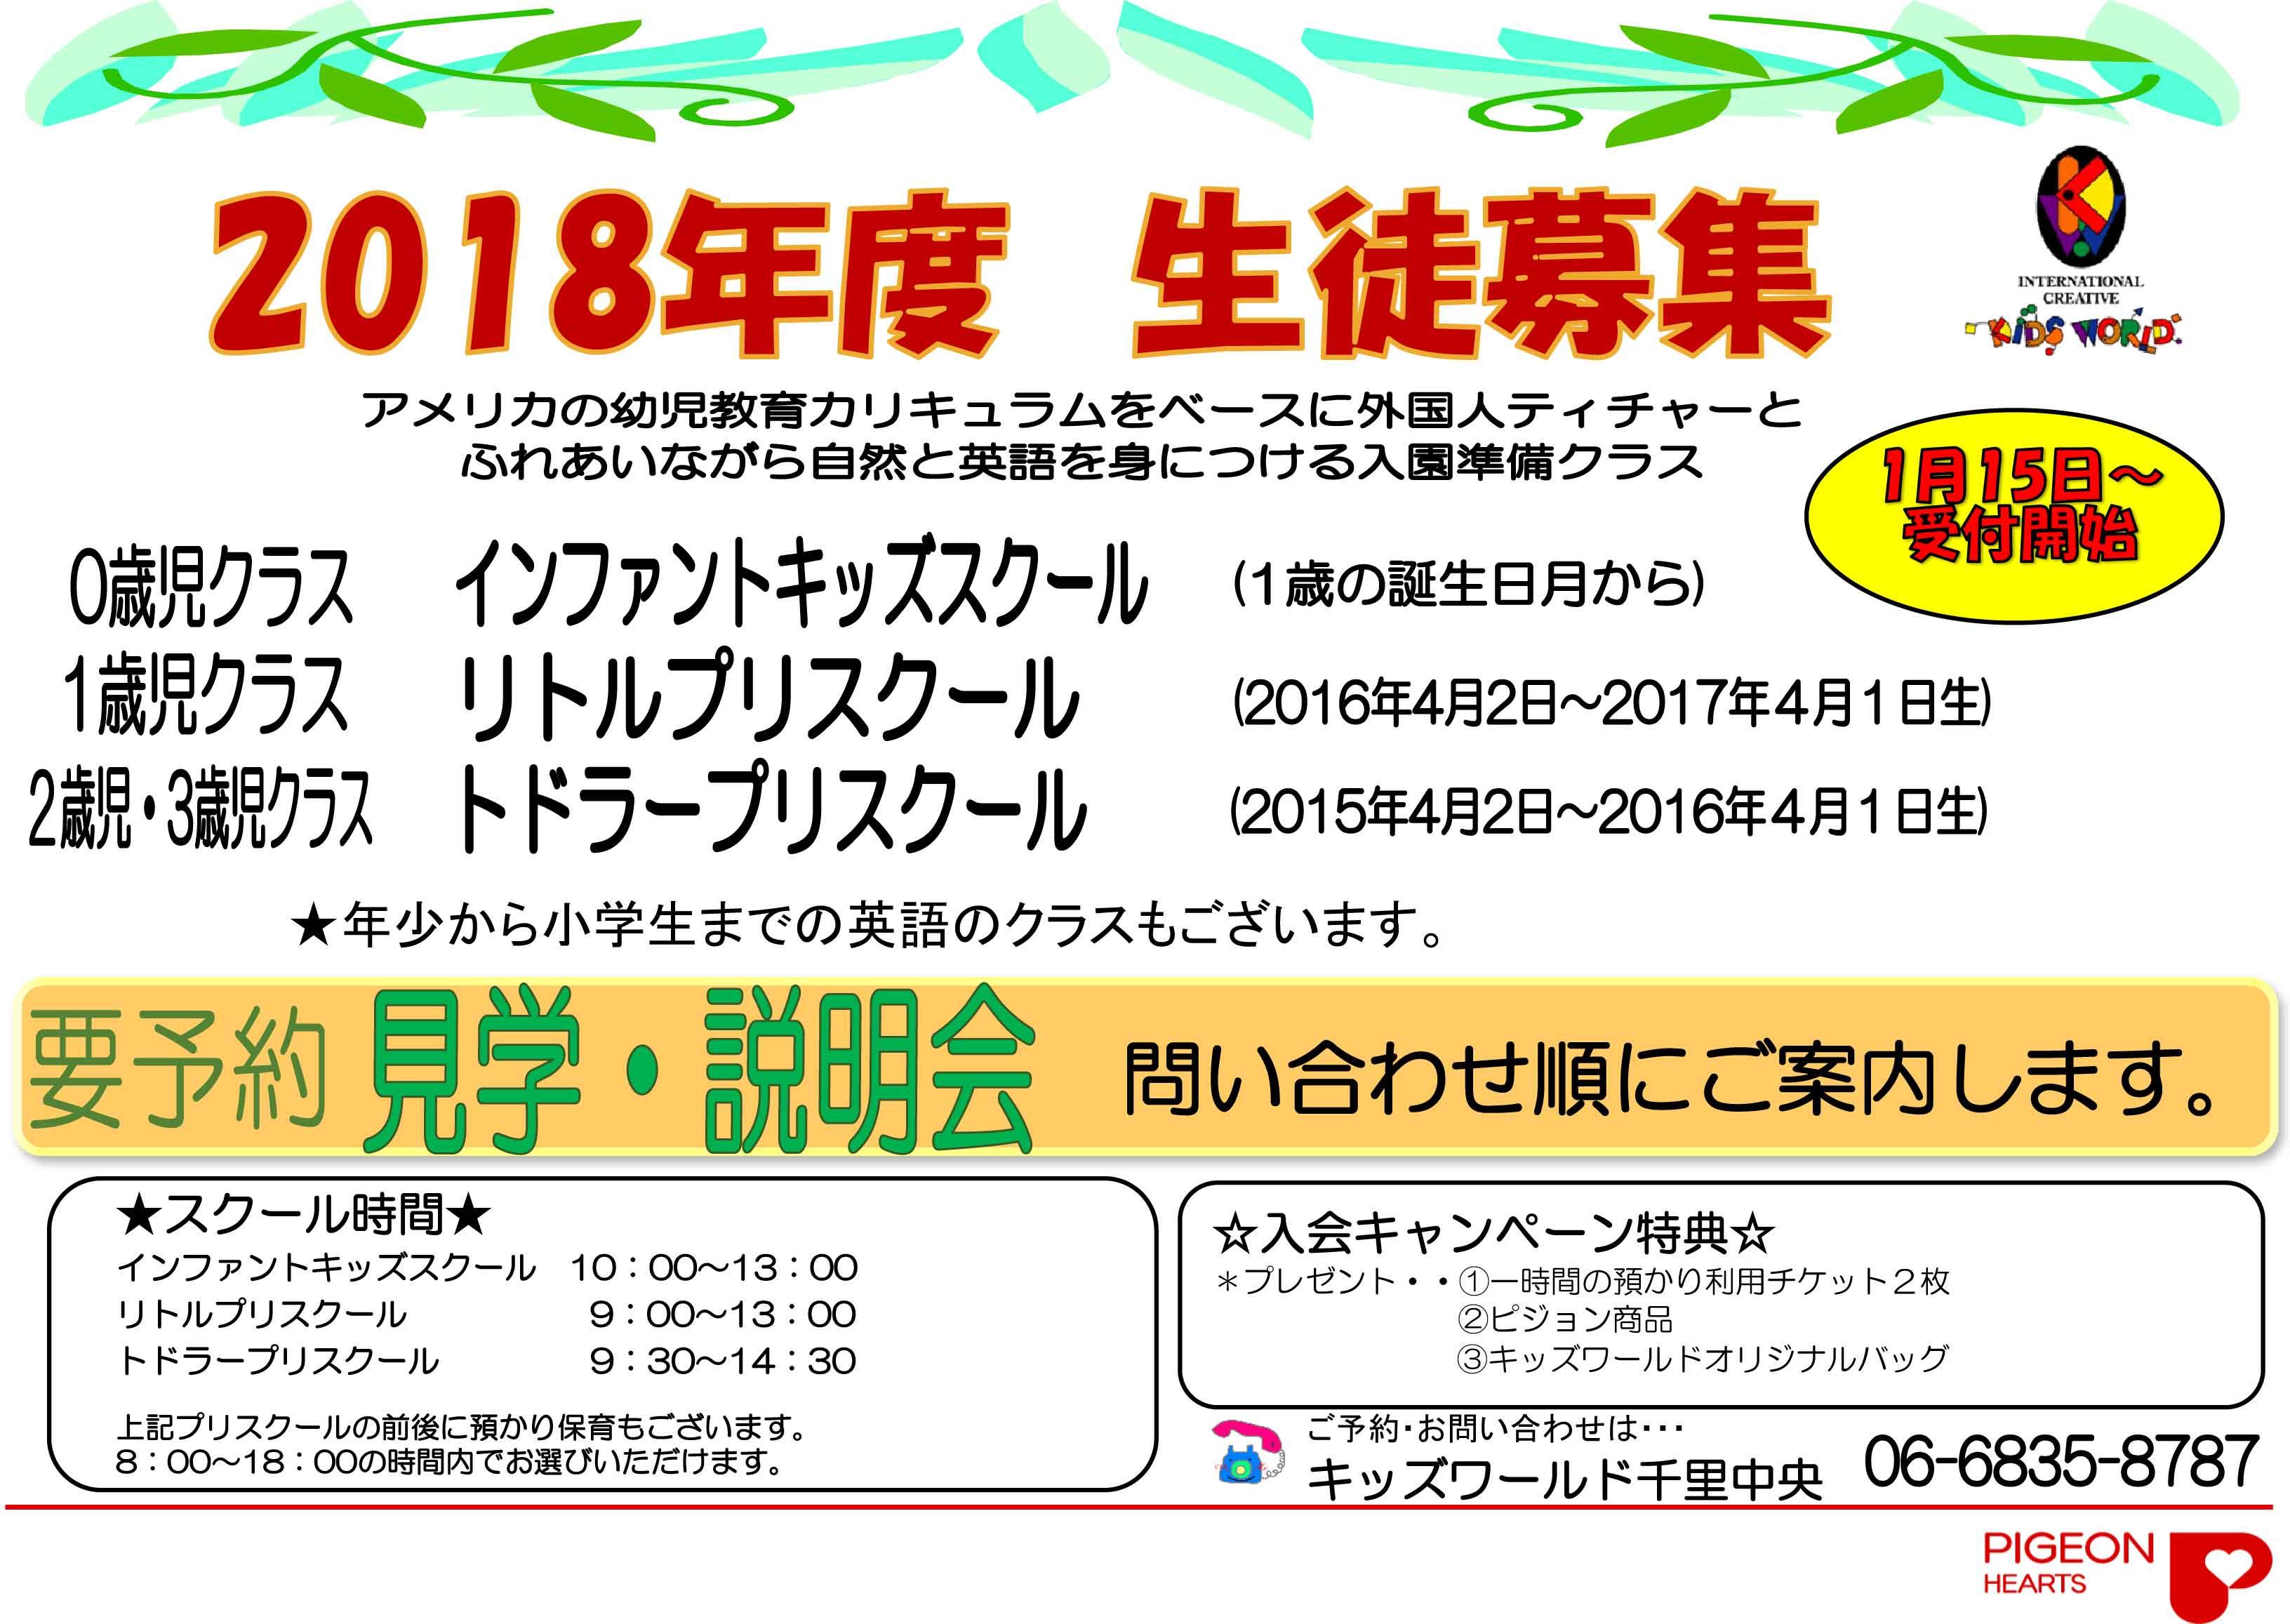 【千里中央】生徒募集2018